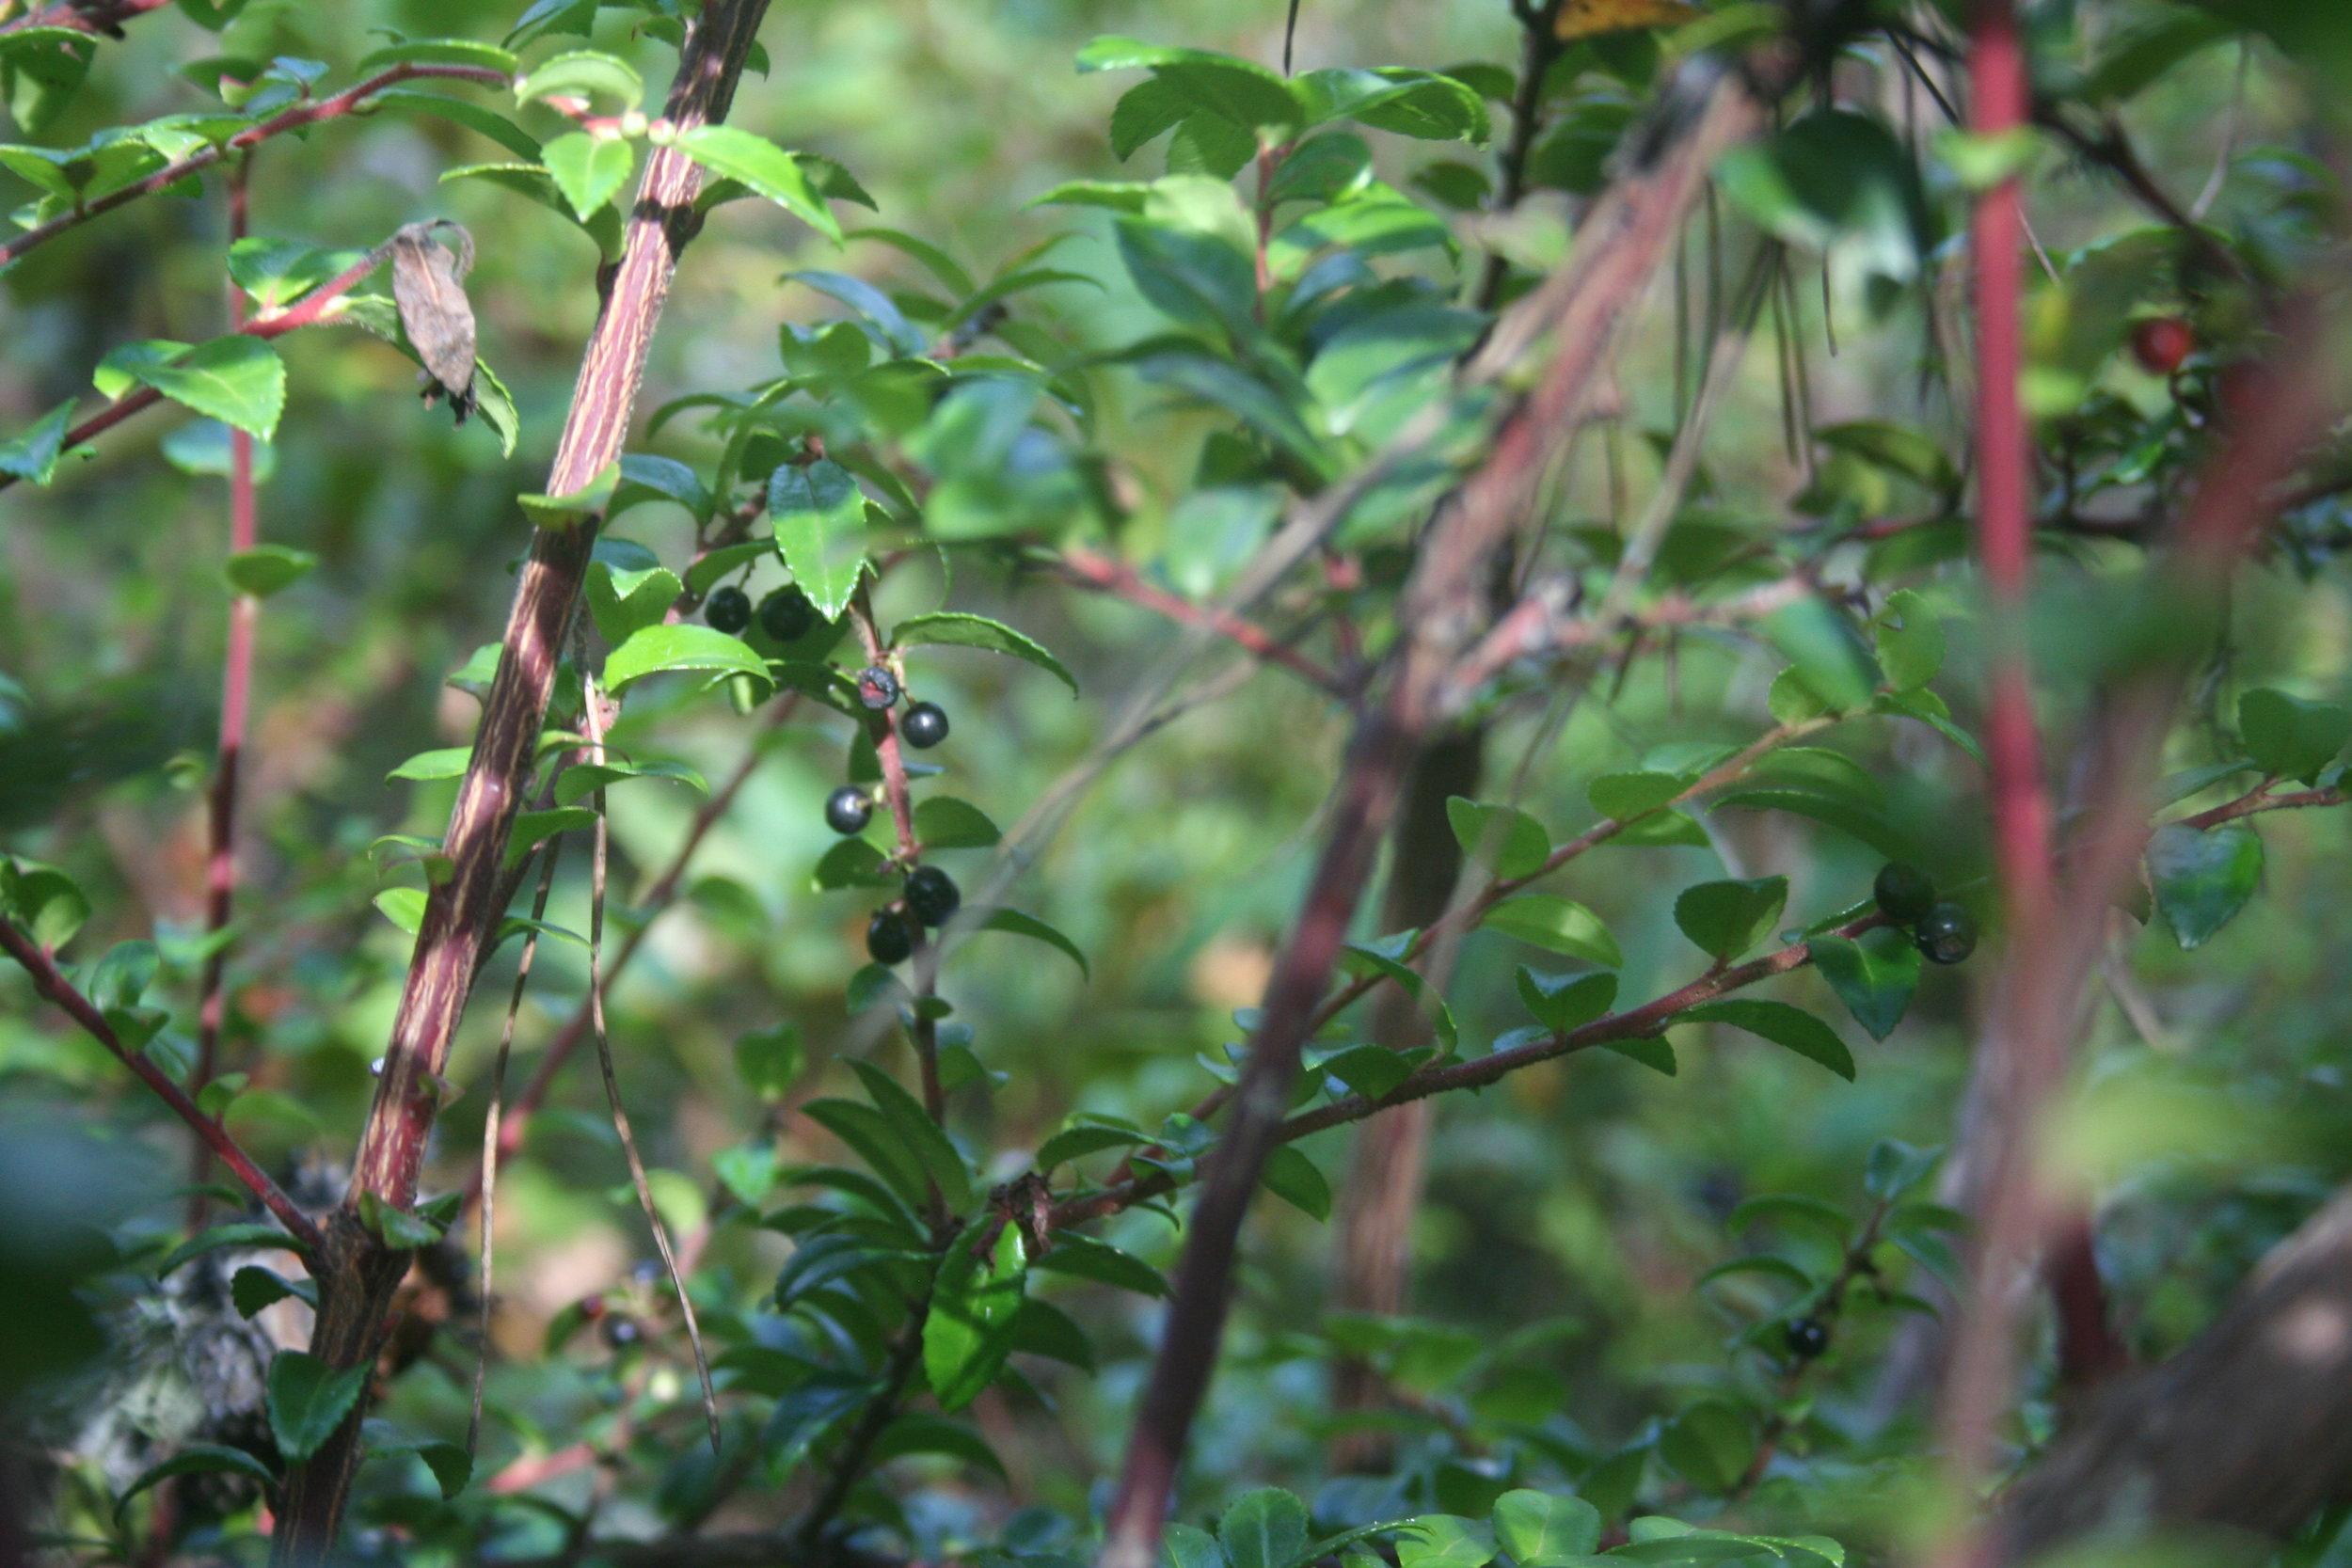 evergreen 'blue' fruiting  Vaccinium ovatum.  Mendocino coast, California.